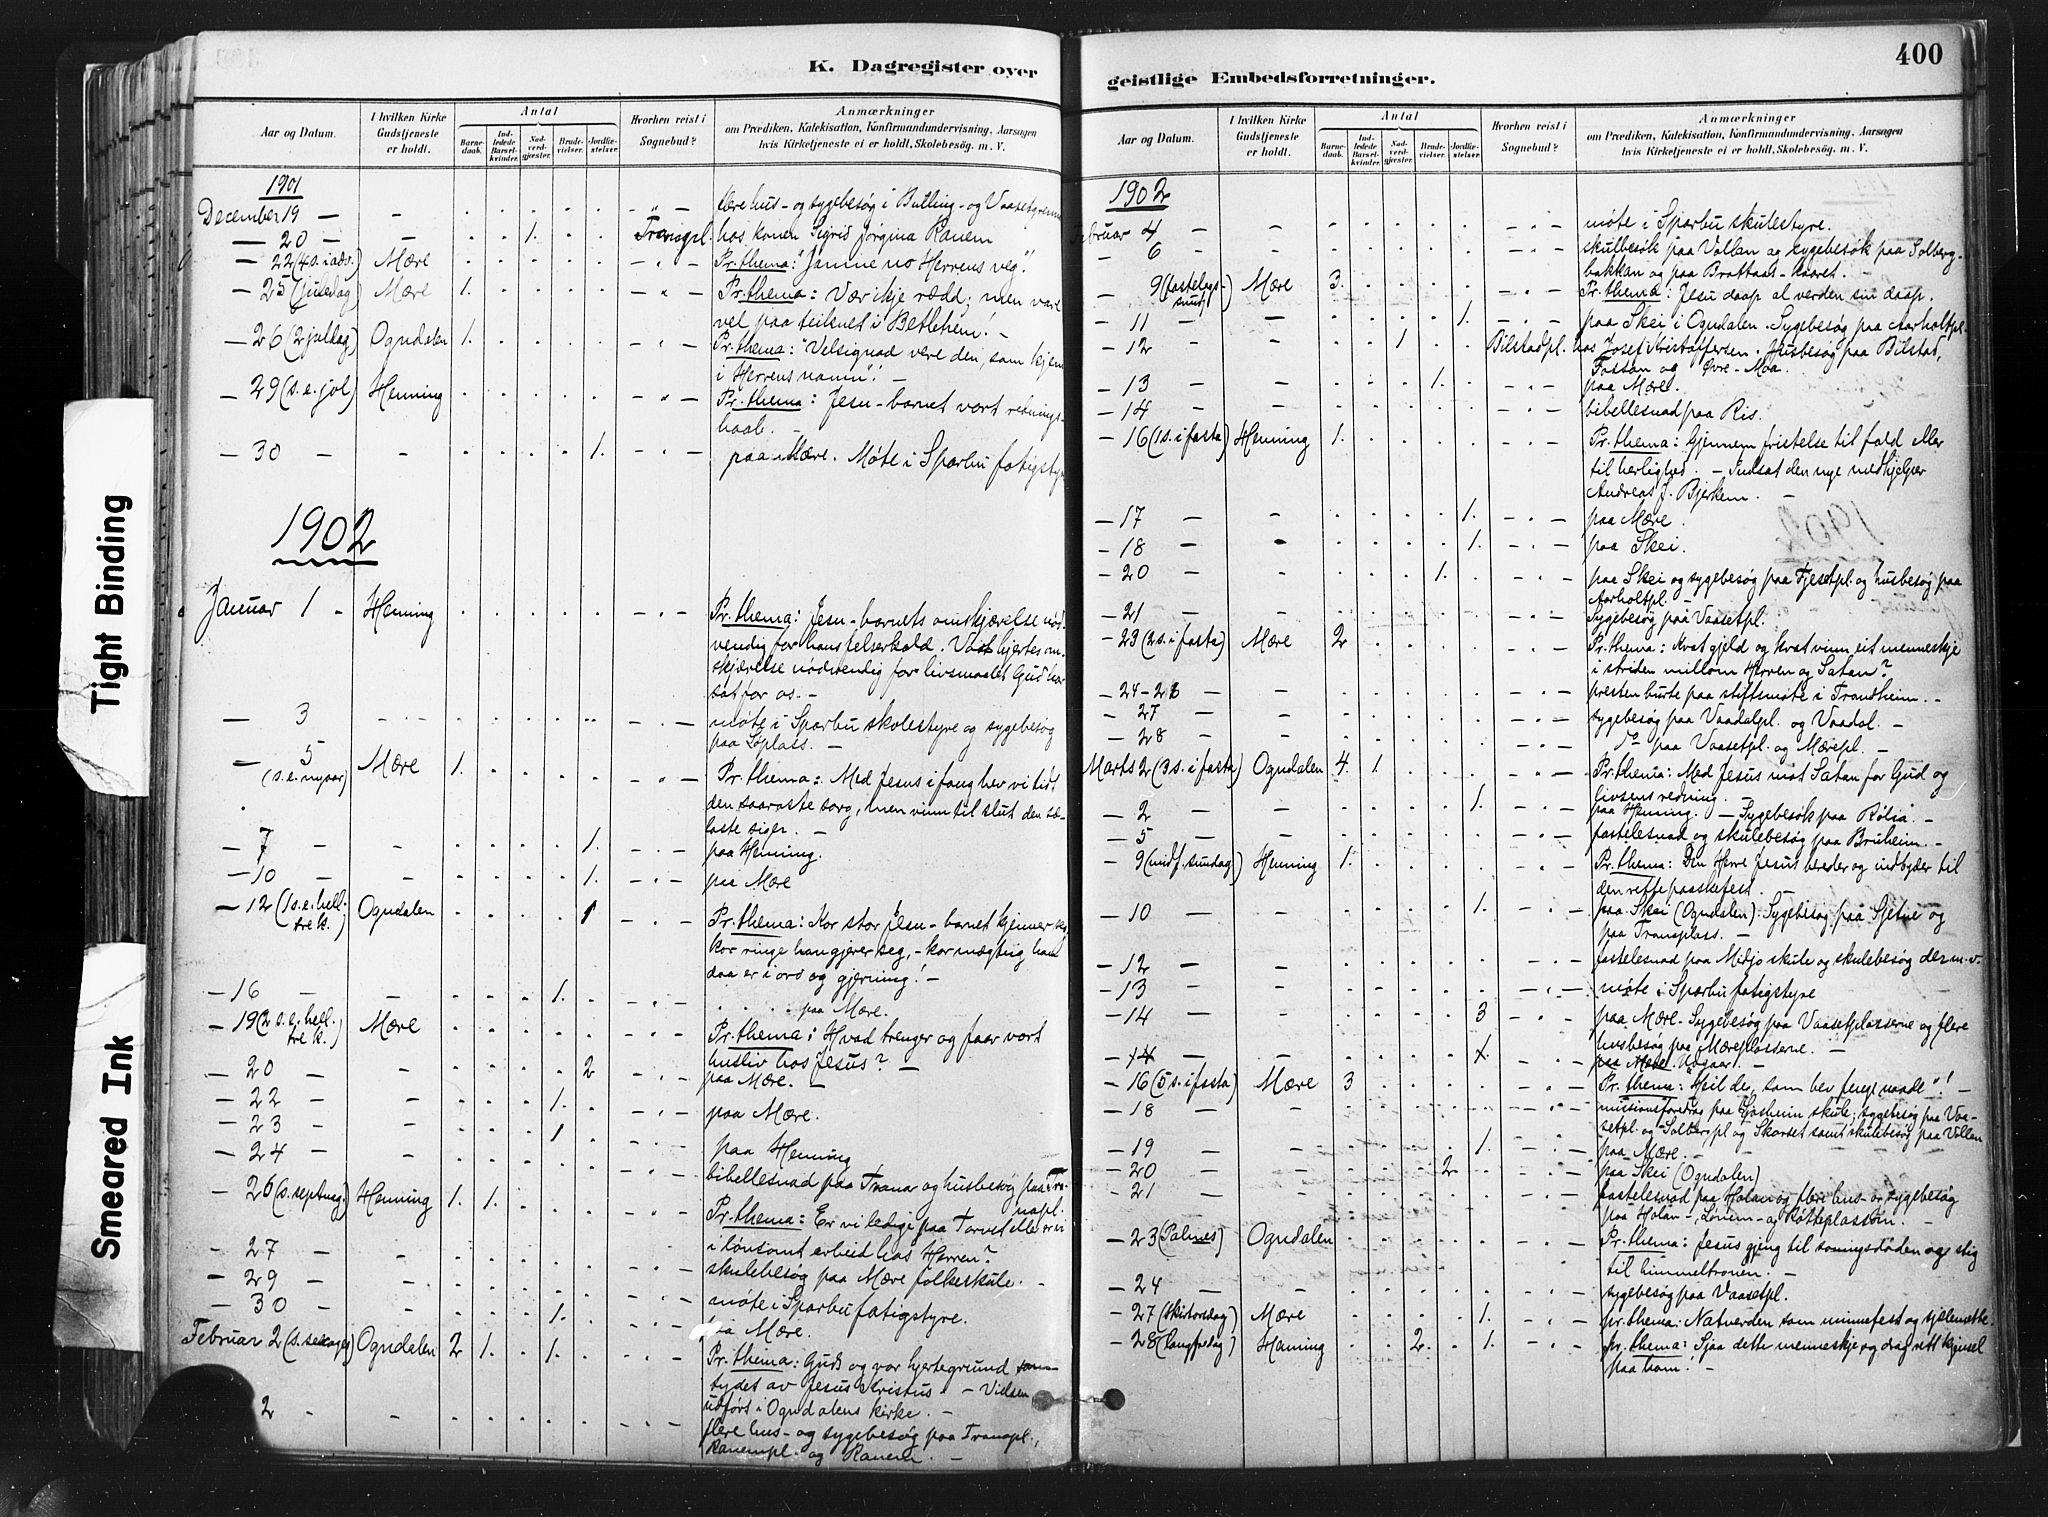 SAT, Ministerialprotokoller, klokkerbøker og fødselsregistre - Nord-Trøndelag, 735/L0351: Ministerialbok nr. 735A10, 1884-1908, s. 400